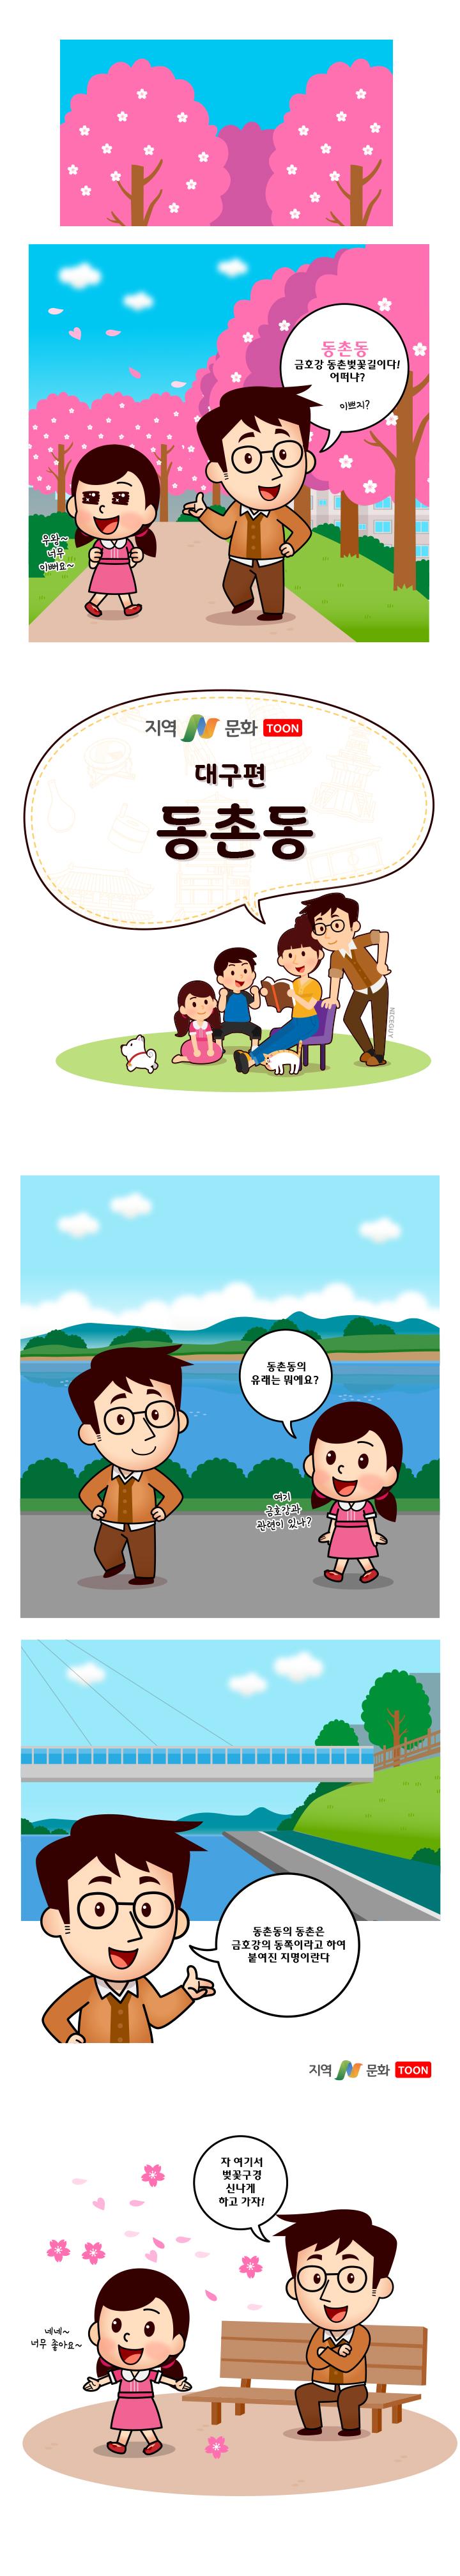 대구광역시 동구 동촌동은 금호강의 동쪽이라고 하여 붙여진 지명이다.